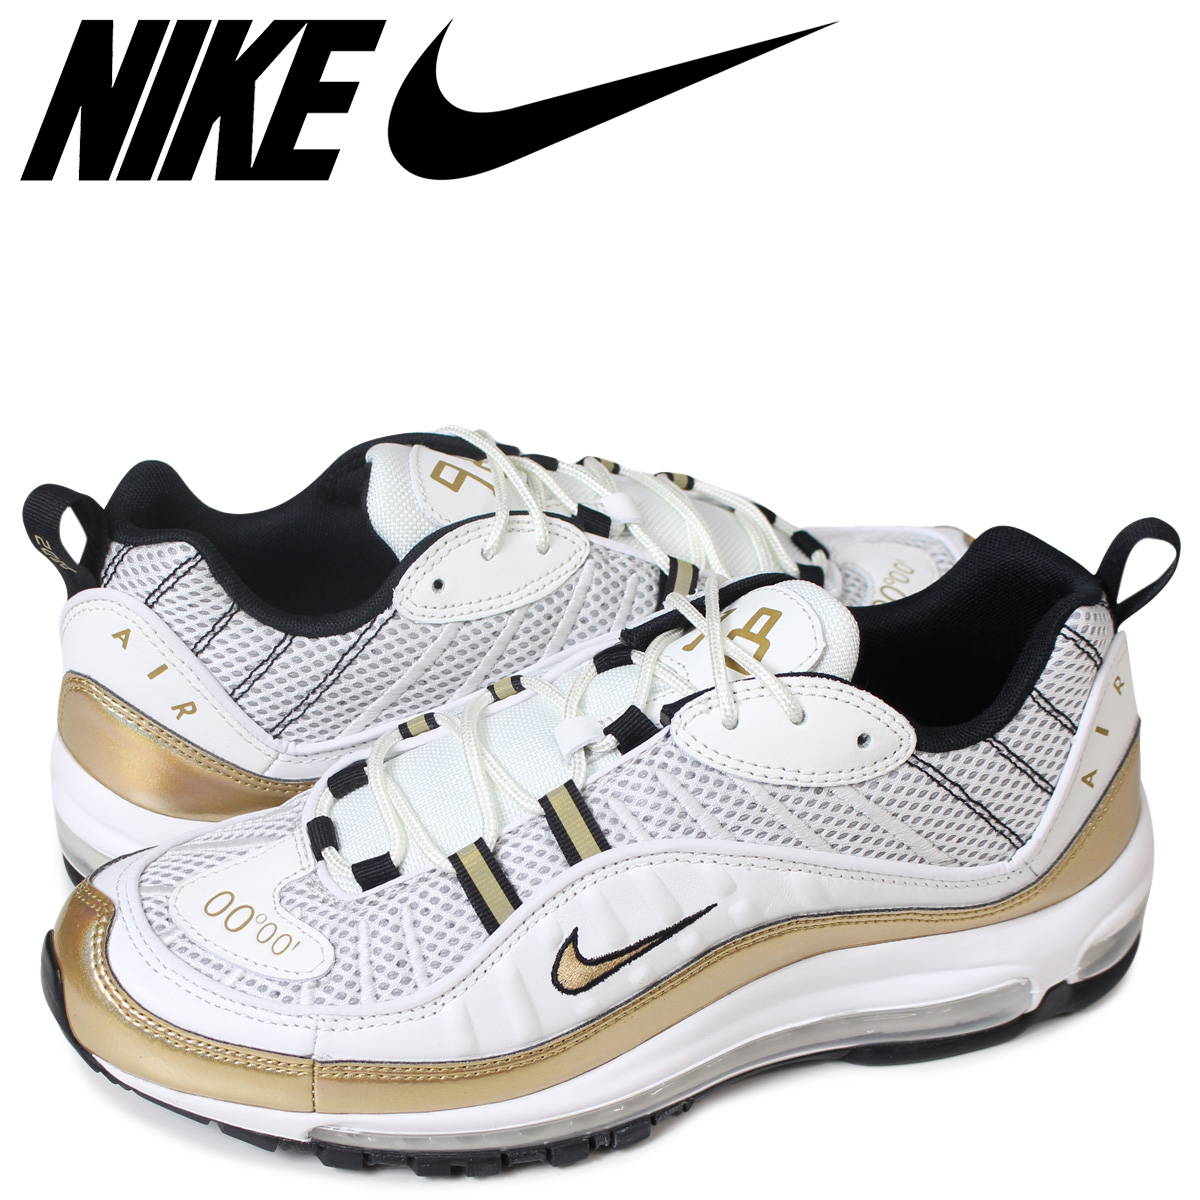 ead78a3a67 NIKE AIR MAX 98 UK GMT Kie Ney AMAX 98 sneakers men AJ6302-100 white ...